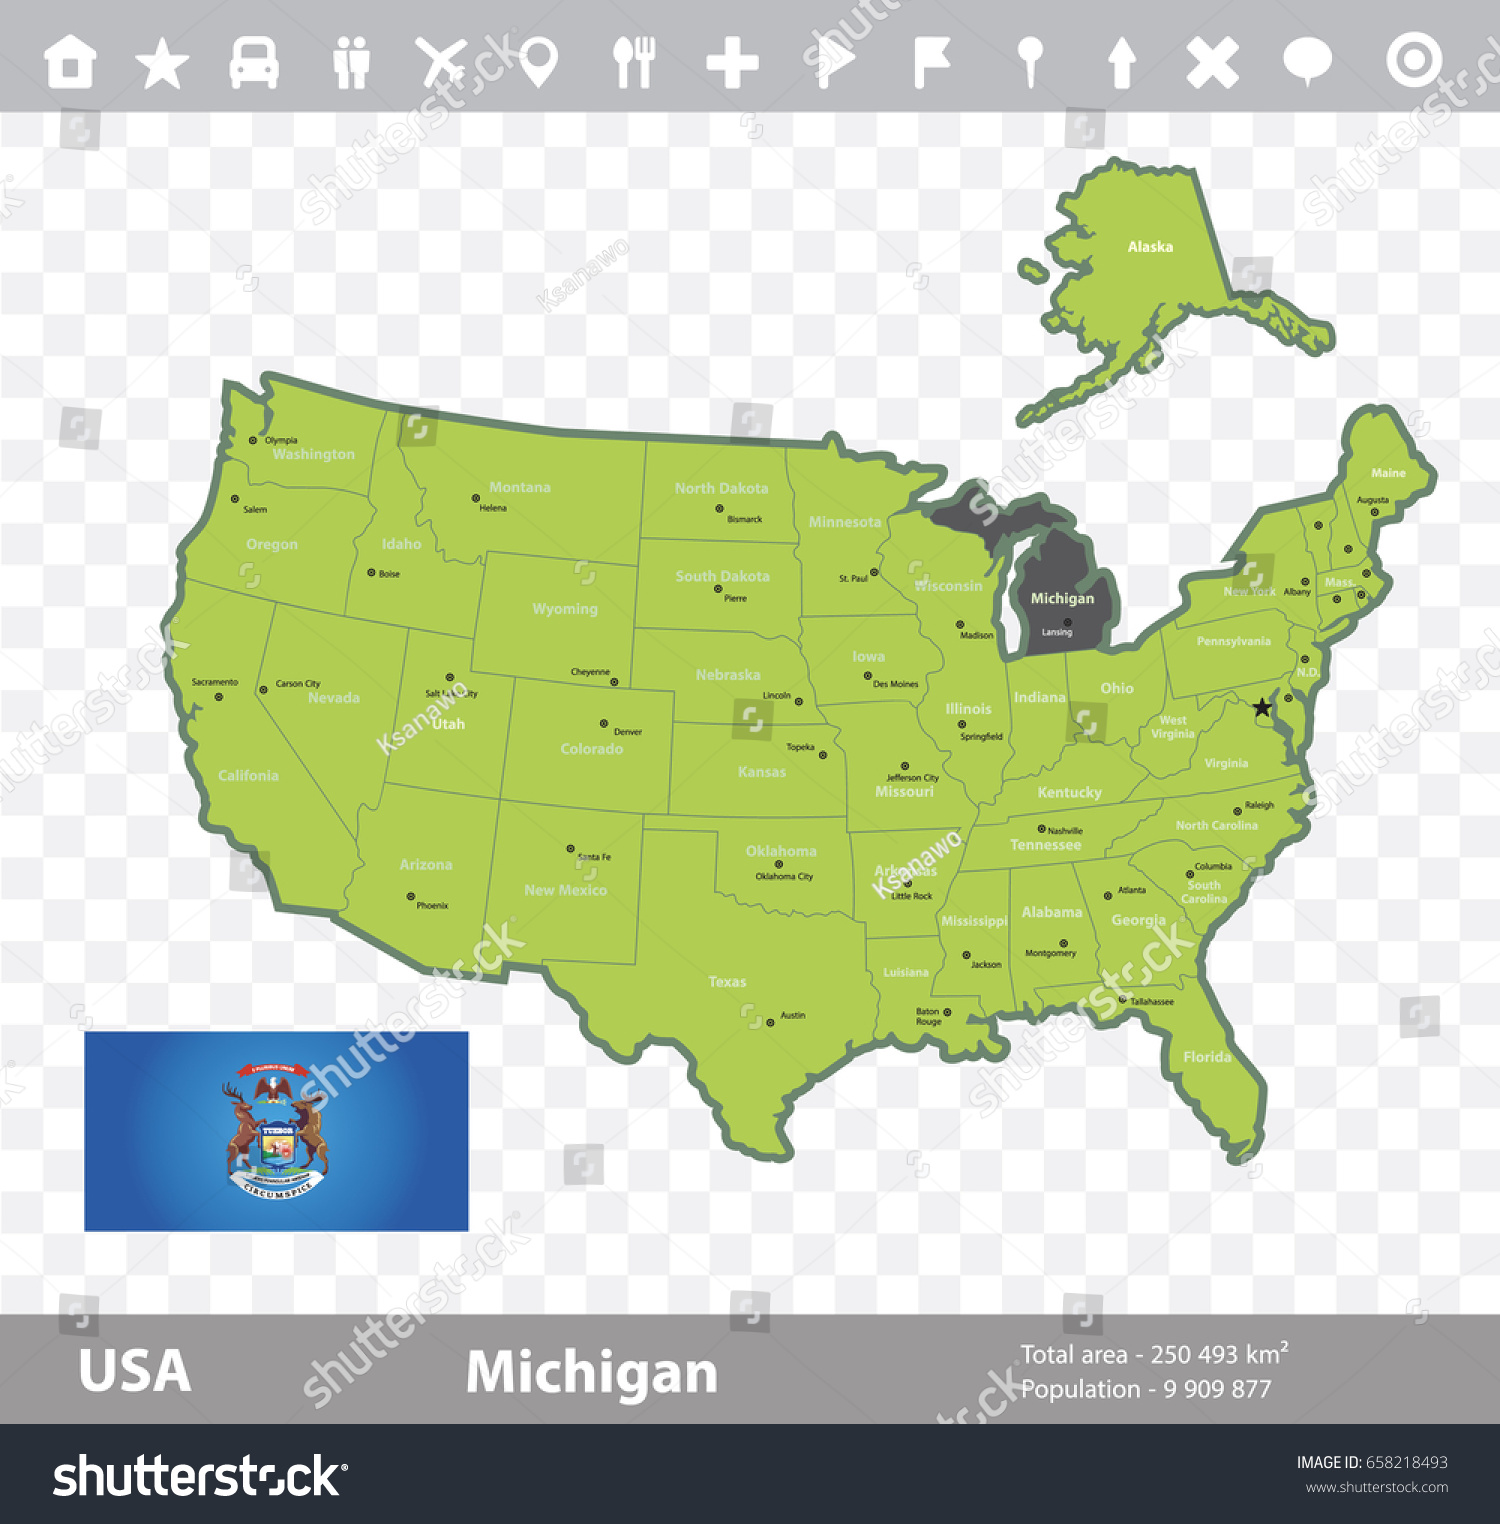 Usa Michigan State Map Large Detailed Administrative Map Of - Michigan state map usa